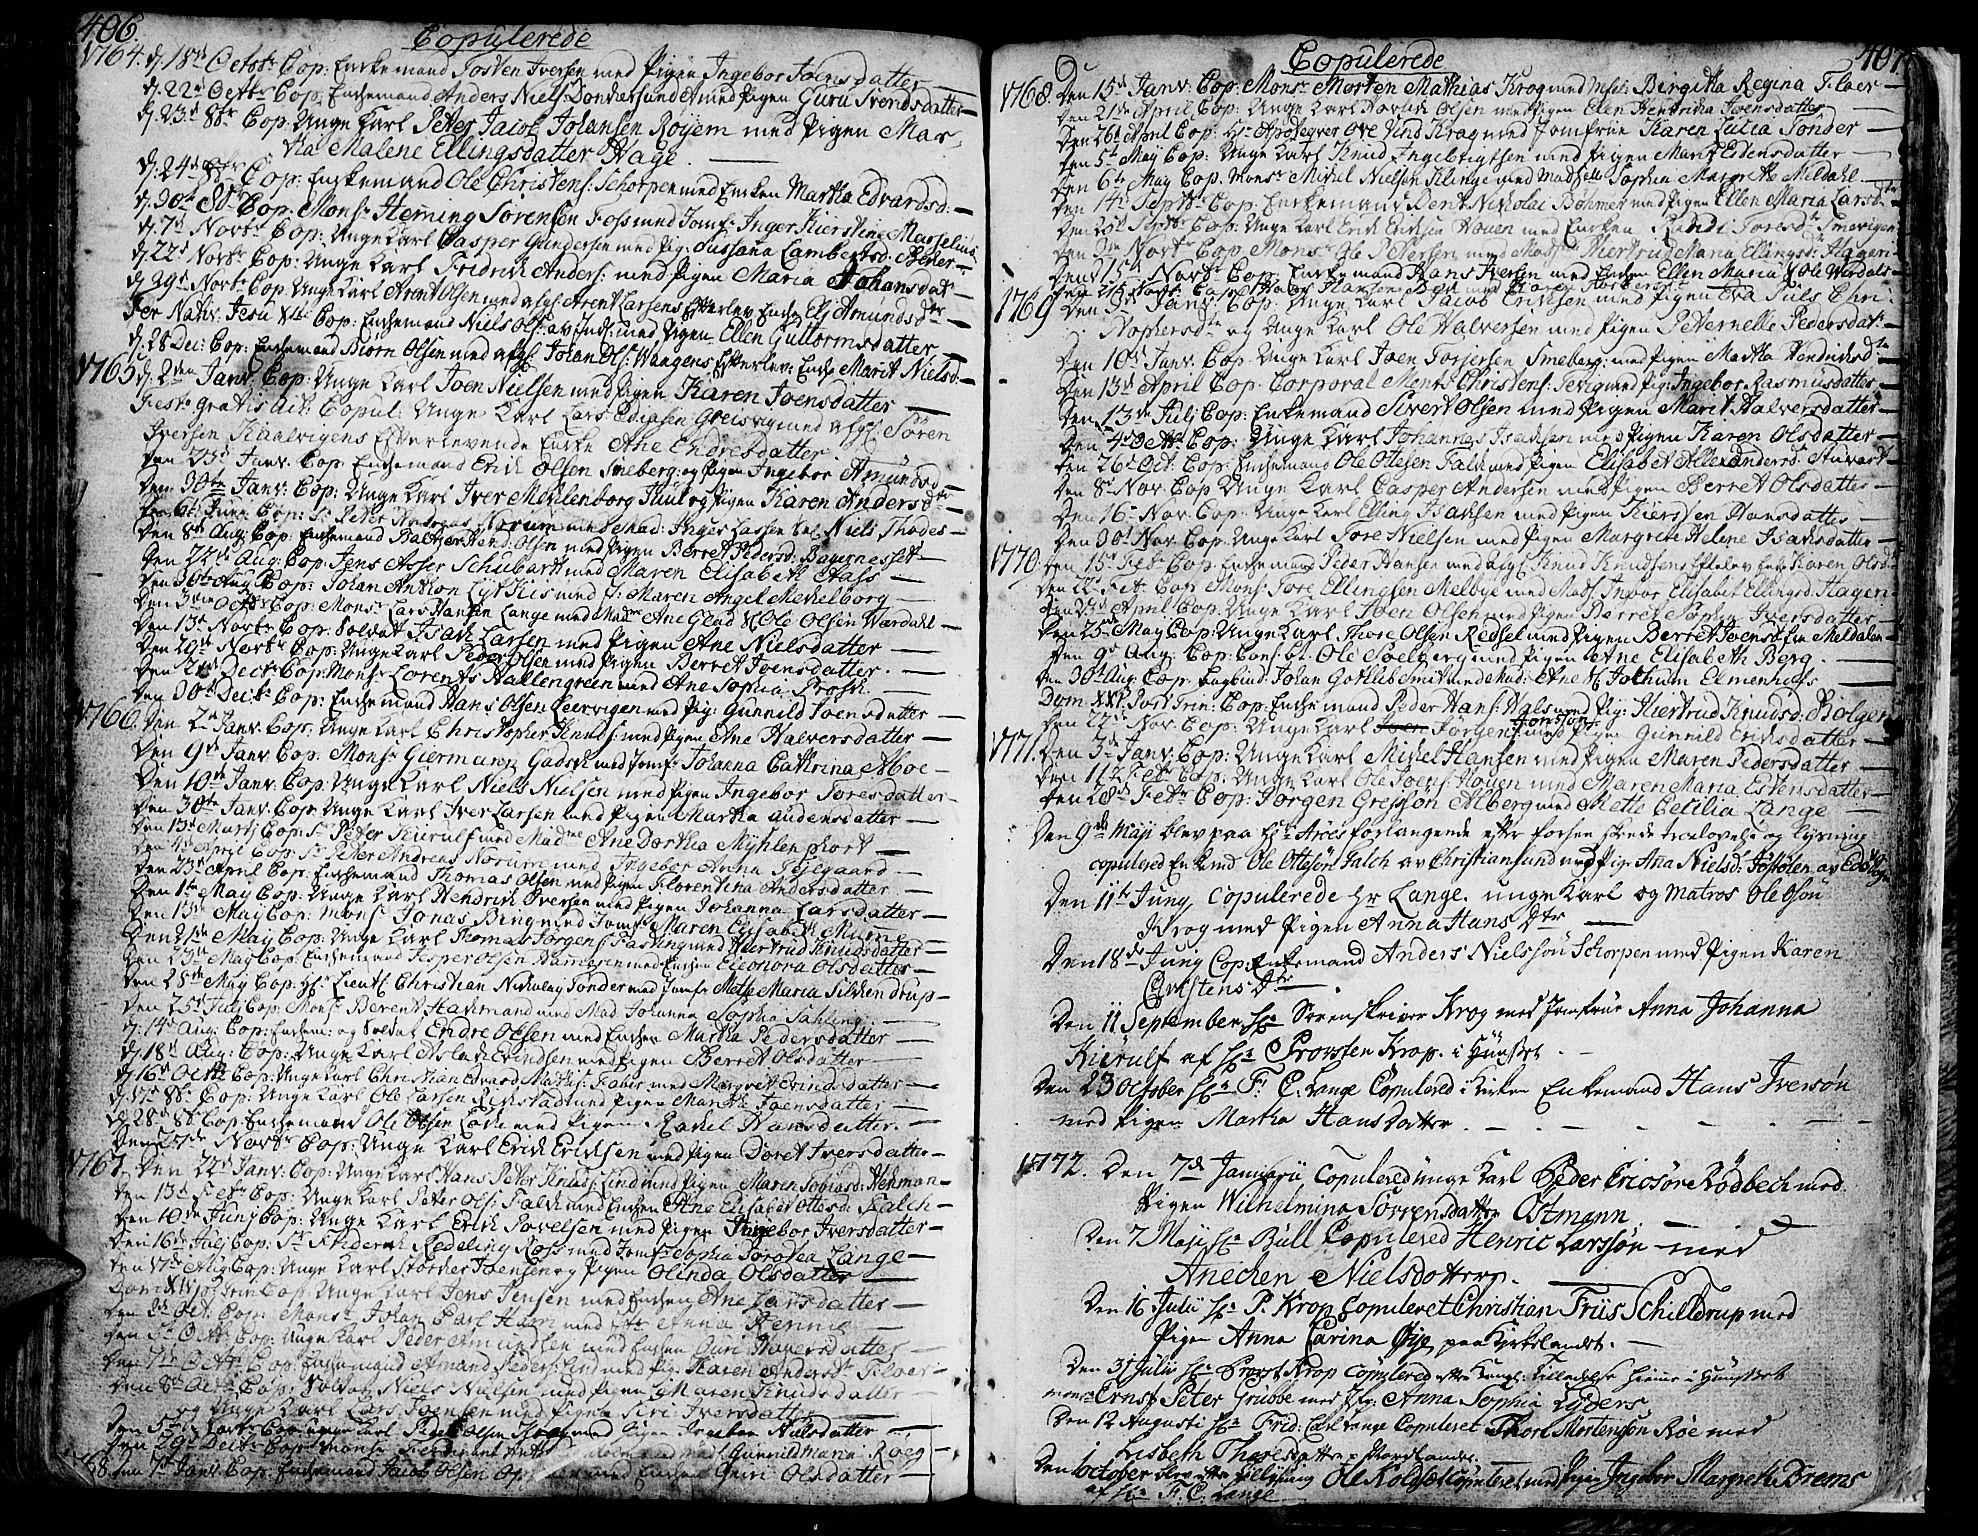 SAT, Ministerialprotokoller, klokkerbøker og fødselsregistre - Møre og Romsdal, 572/L0840: Ministerialbok nr. 572A03, 1754-1784, s. 406-407